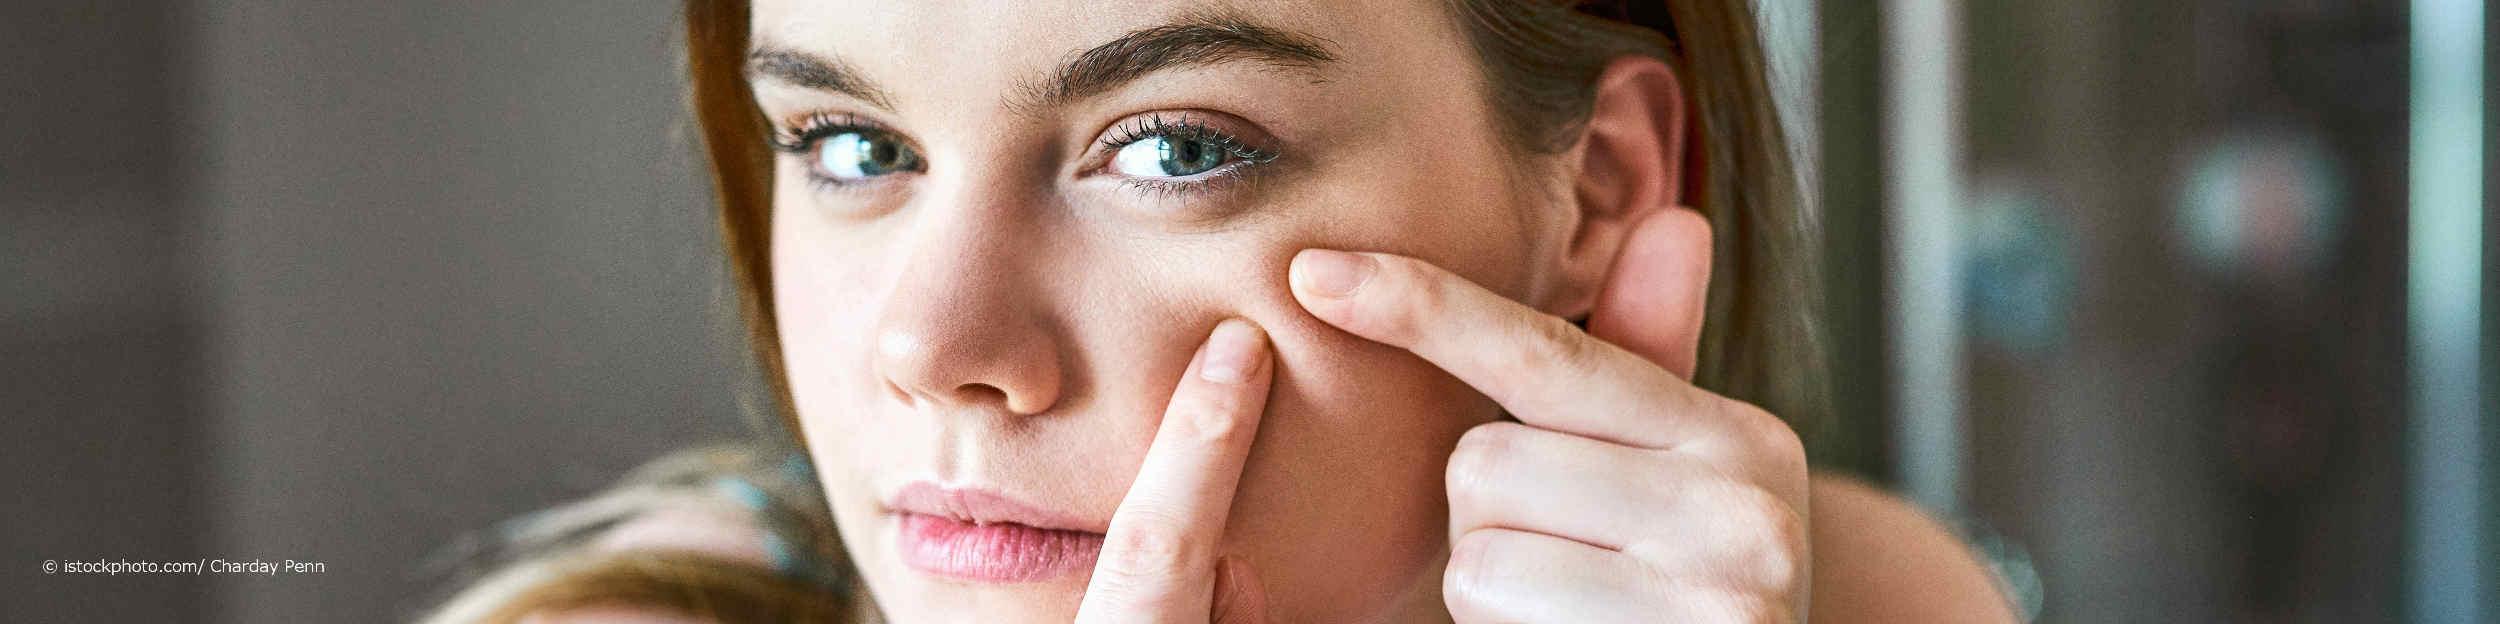 Junge Frau drückt in ihrem Gesicht einen Pickel aus, der durch das Tragen einer Coronaschutzmaske entstanden ist